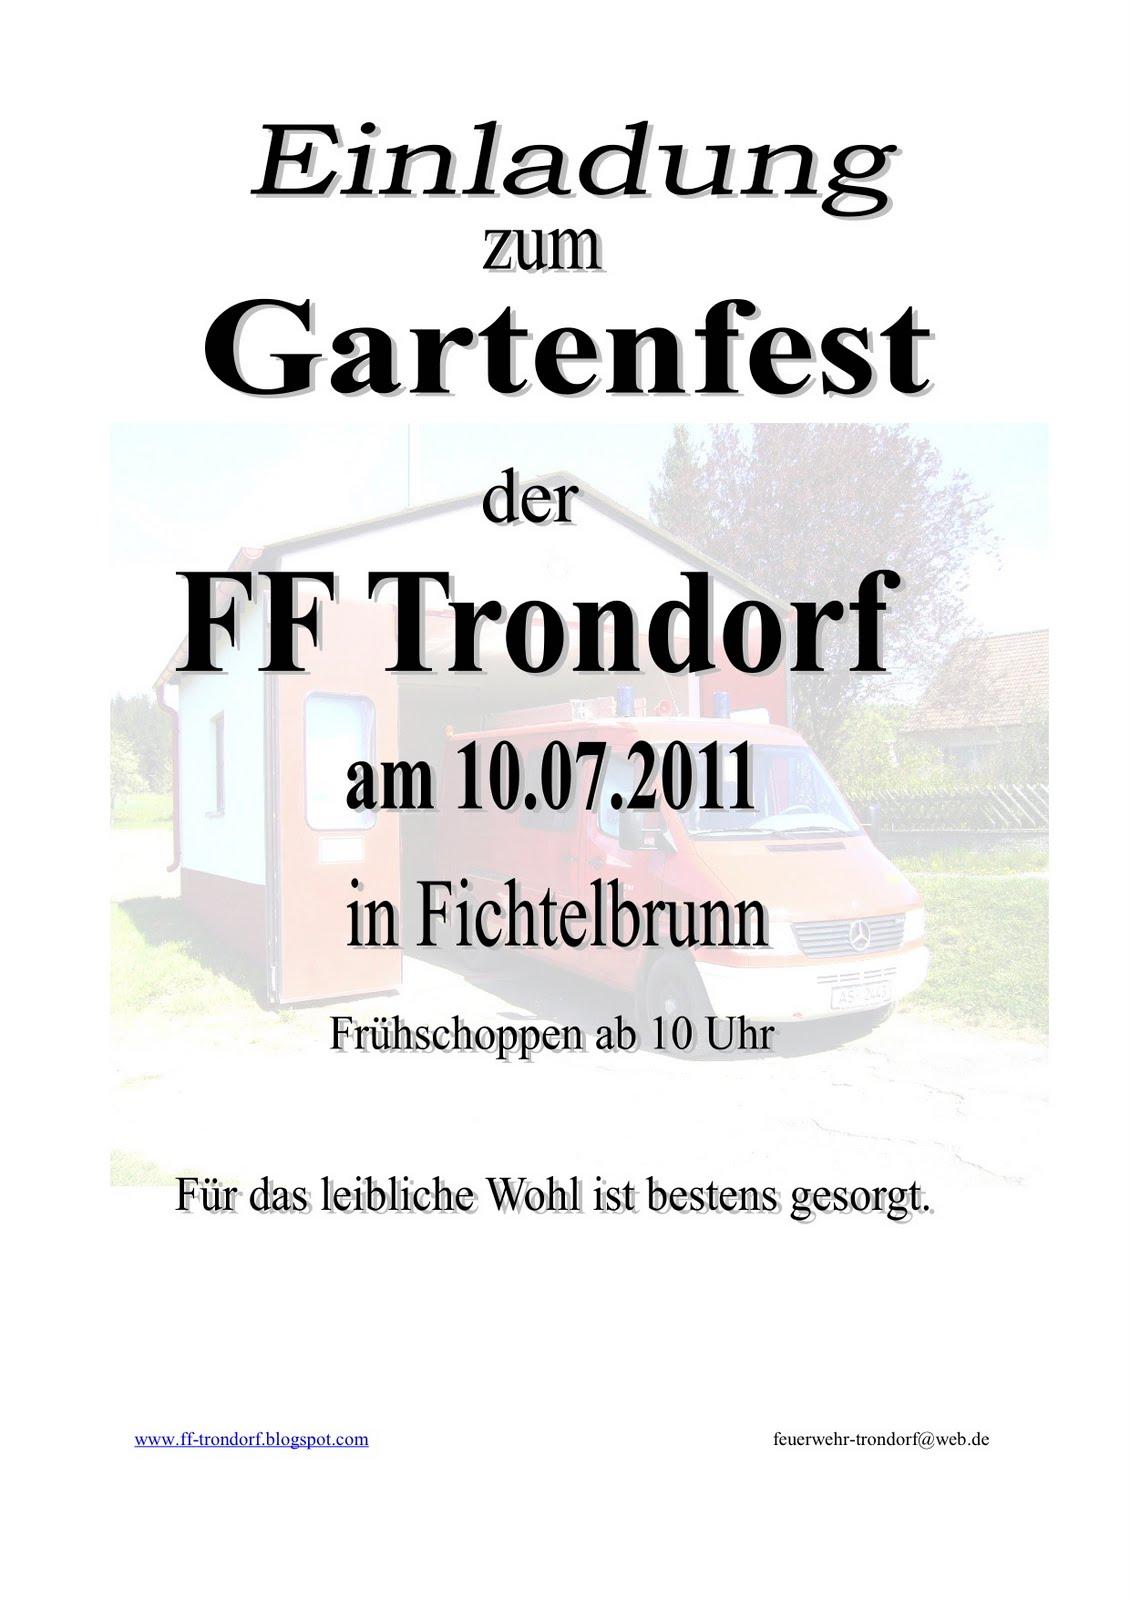 freiwillige feuerwehr trondorf, Einladung